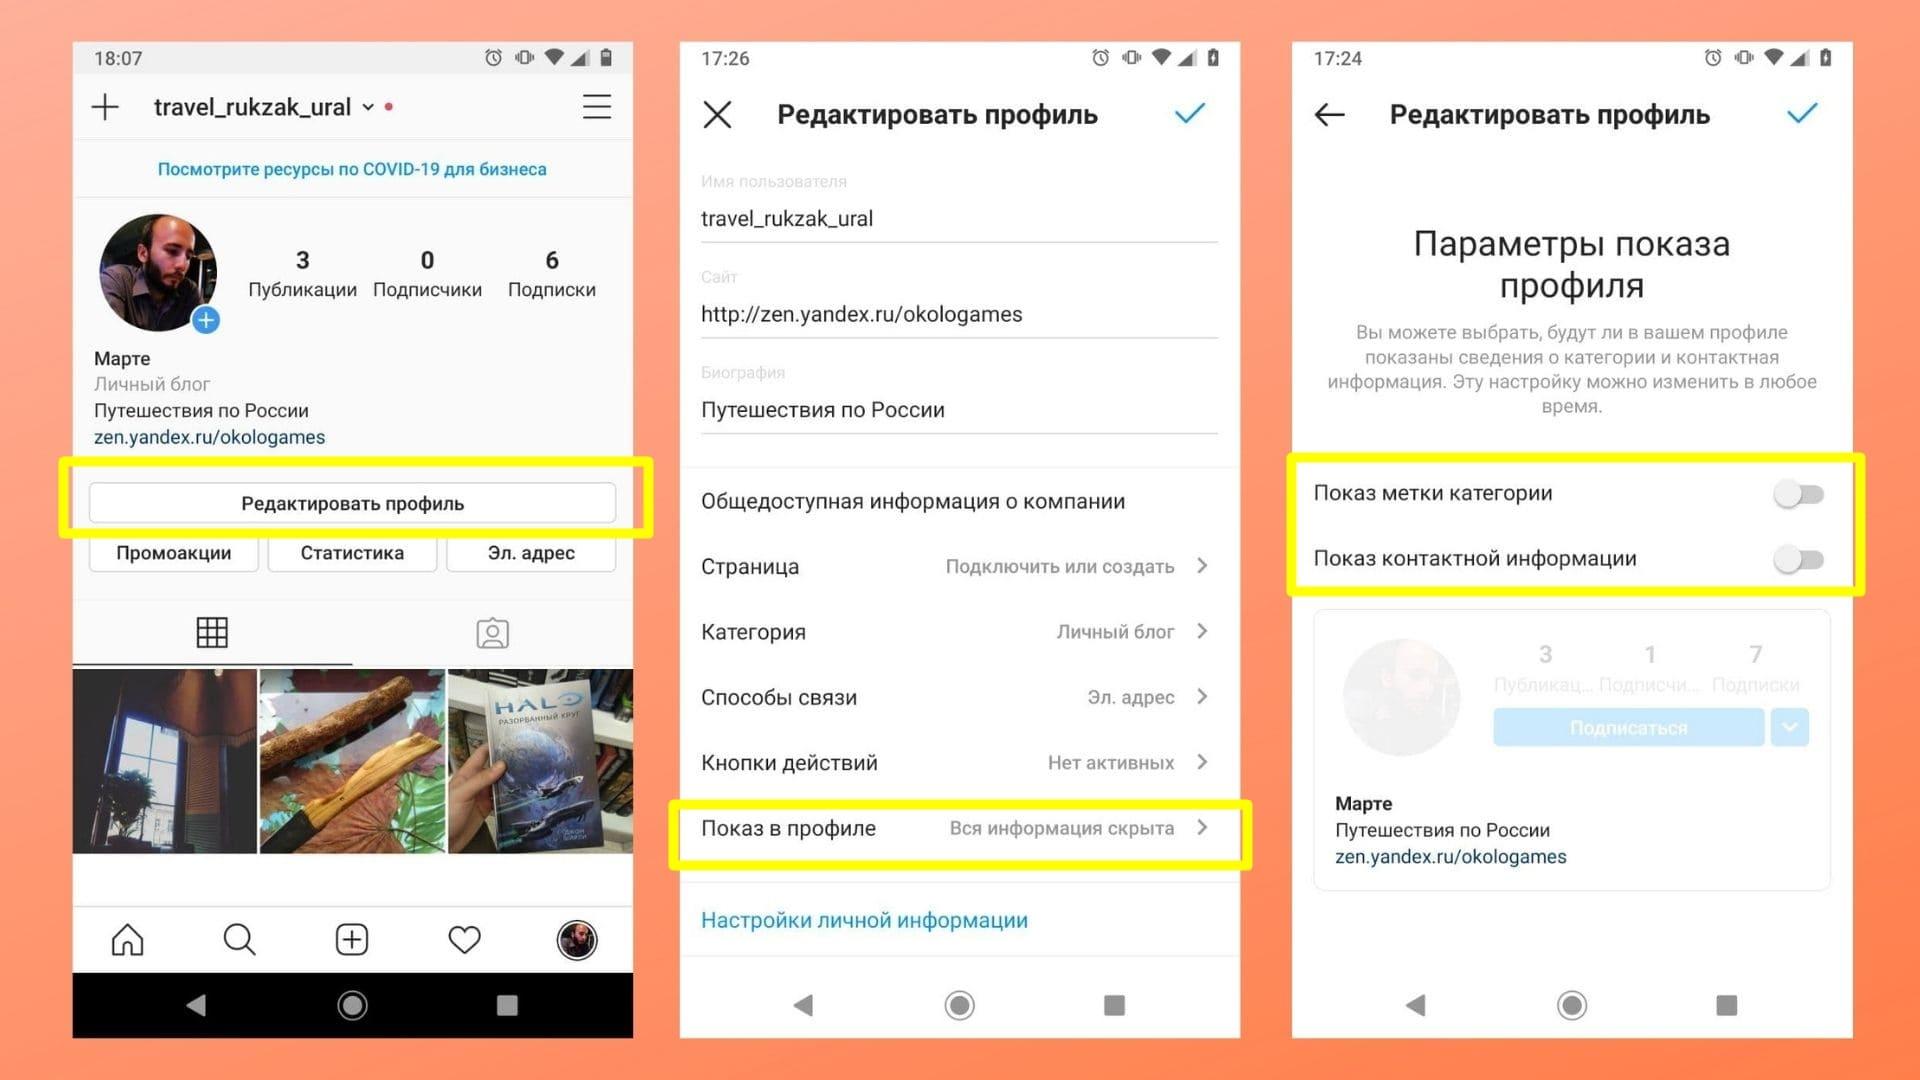 Как скрыть в профиле категорию и контактную информацию в бизнес-профиле Инстаграм